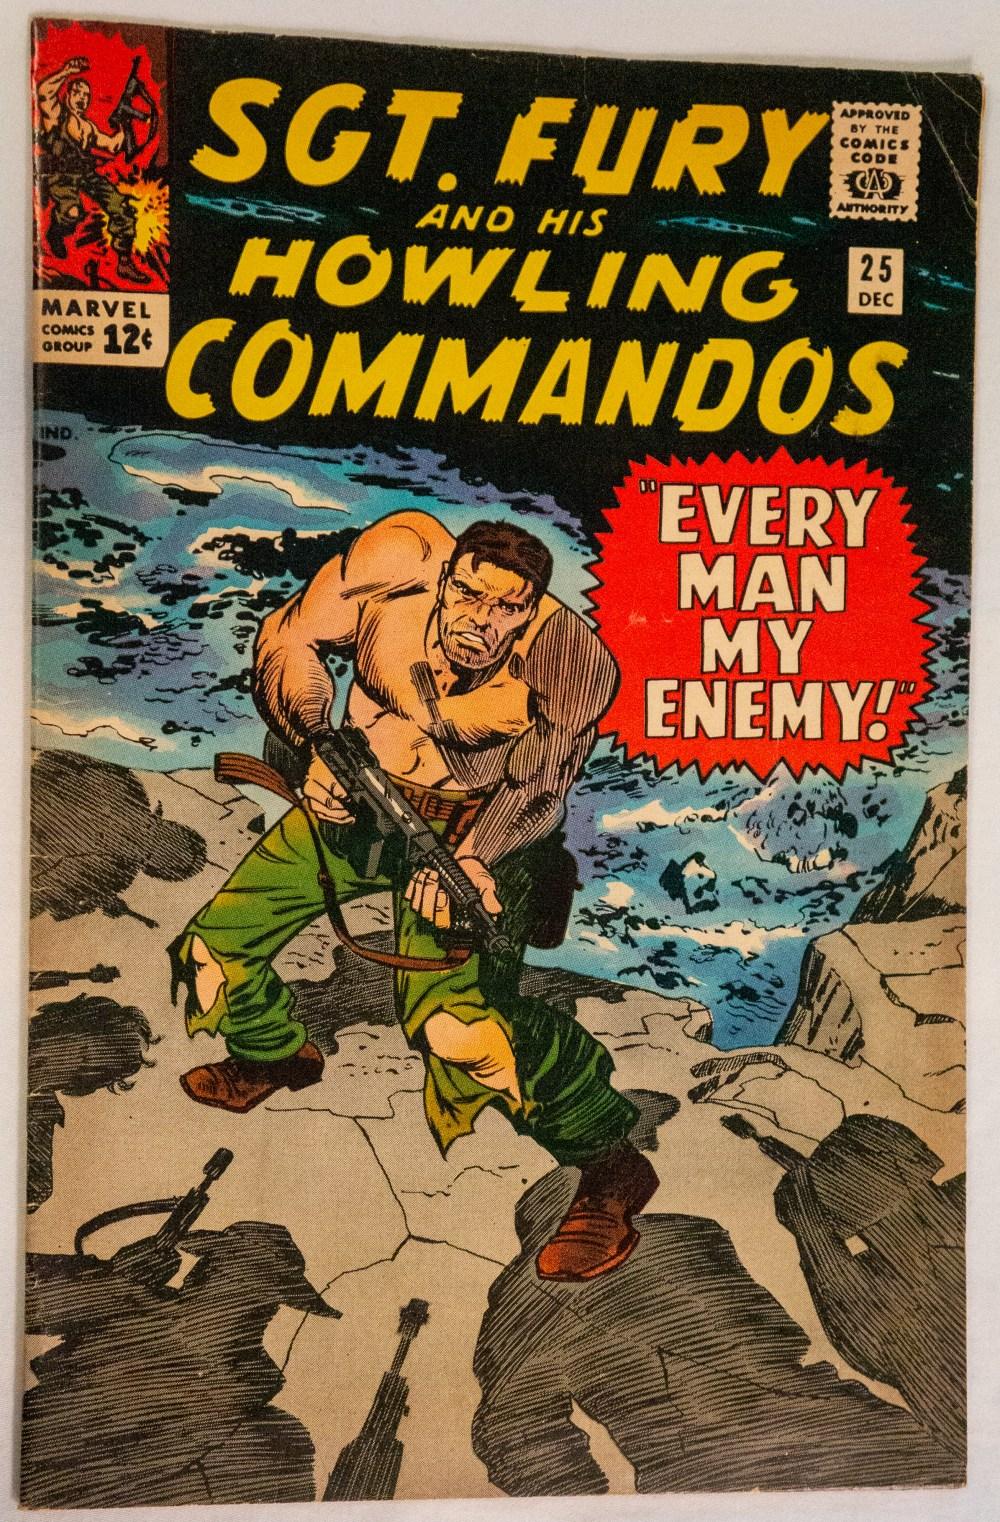 Sgt. Fury #25